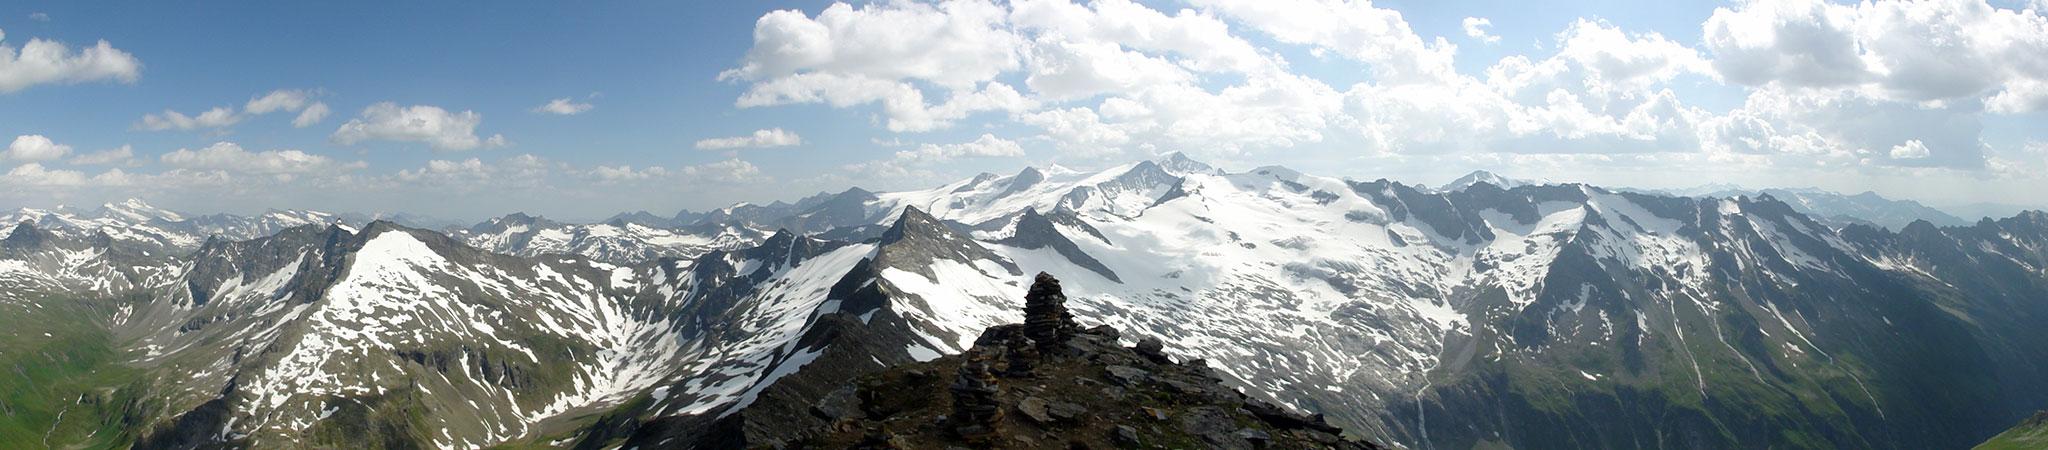 Arnoweg: Herrliches Panorama vom Larmkogel Richtung Großvenediger im Südwesten